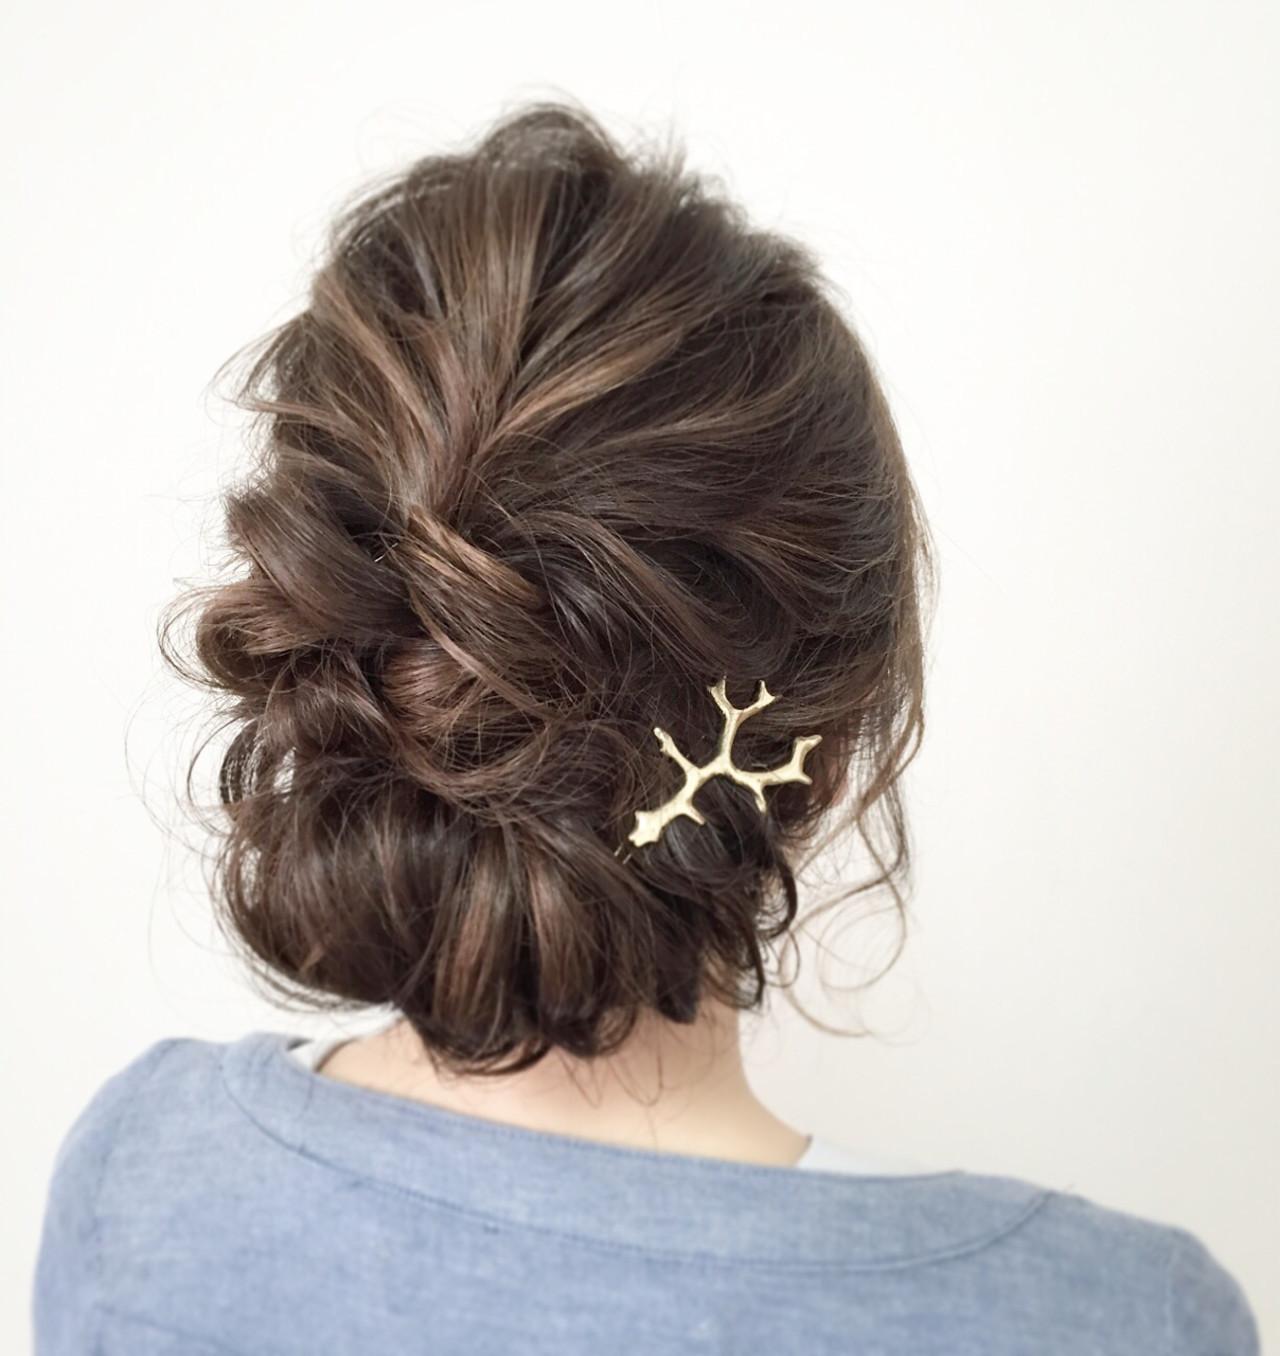 ギブソンタック ミディアム ロープ編み ヘアアレンジ ヘアスタイルや髪型の写真・画像